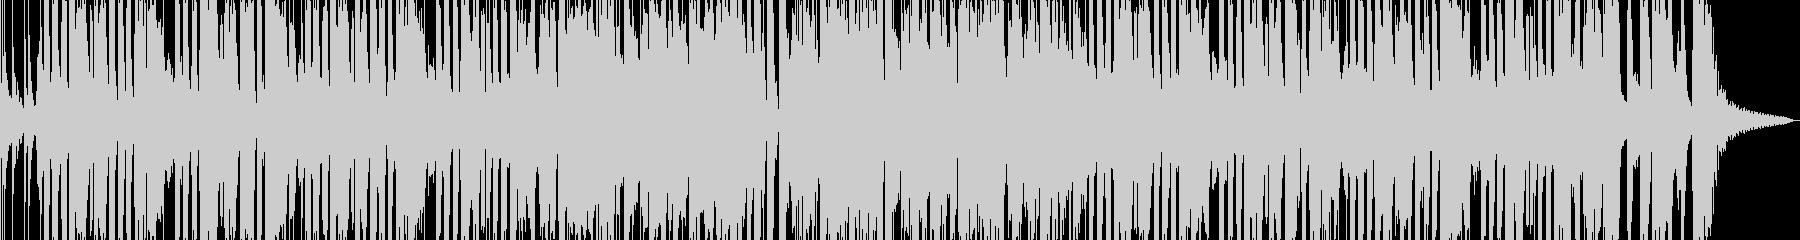 ブラスメインのファンキーな曲の未再生の波形